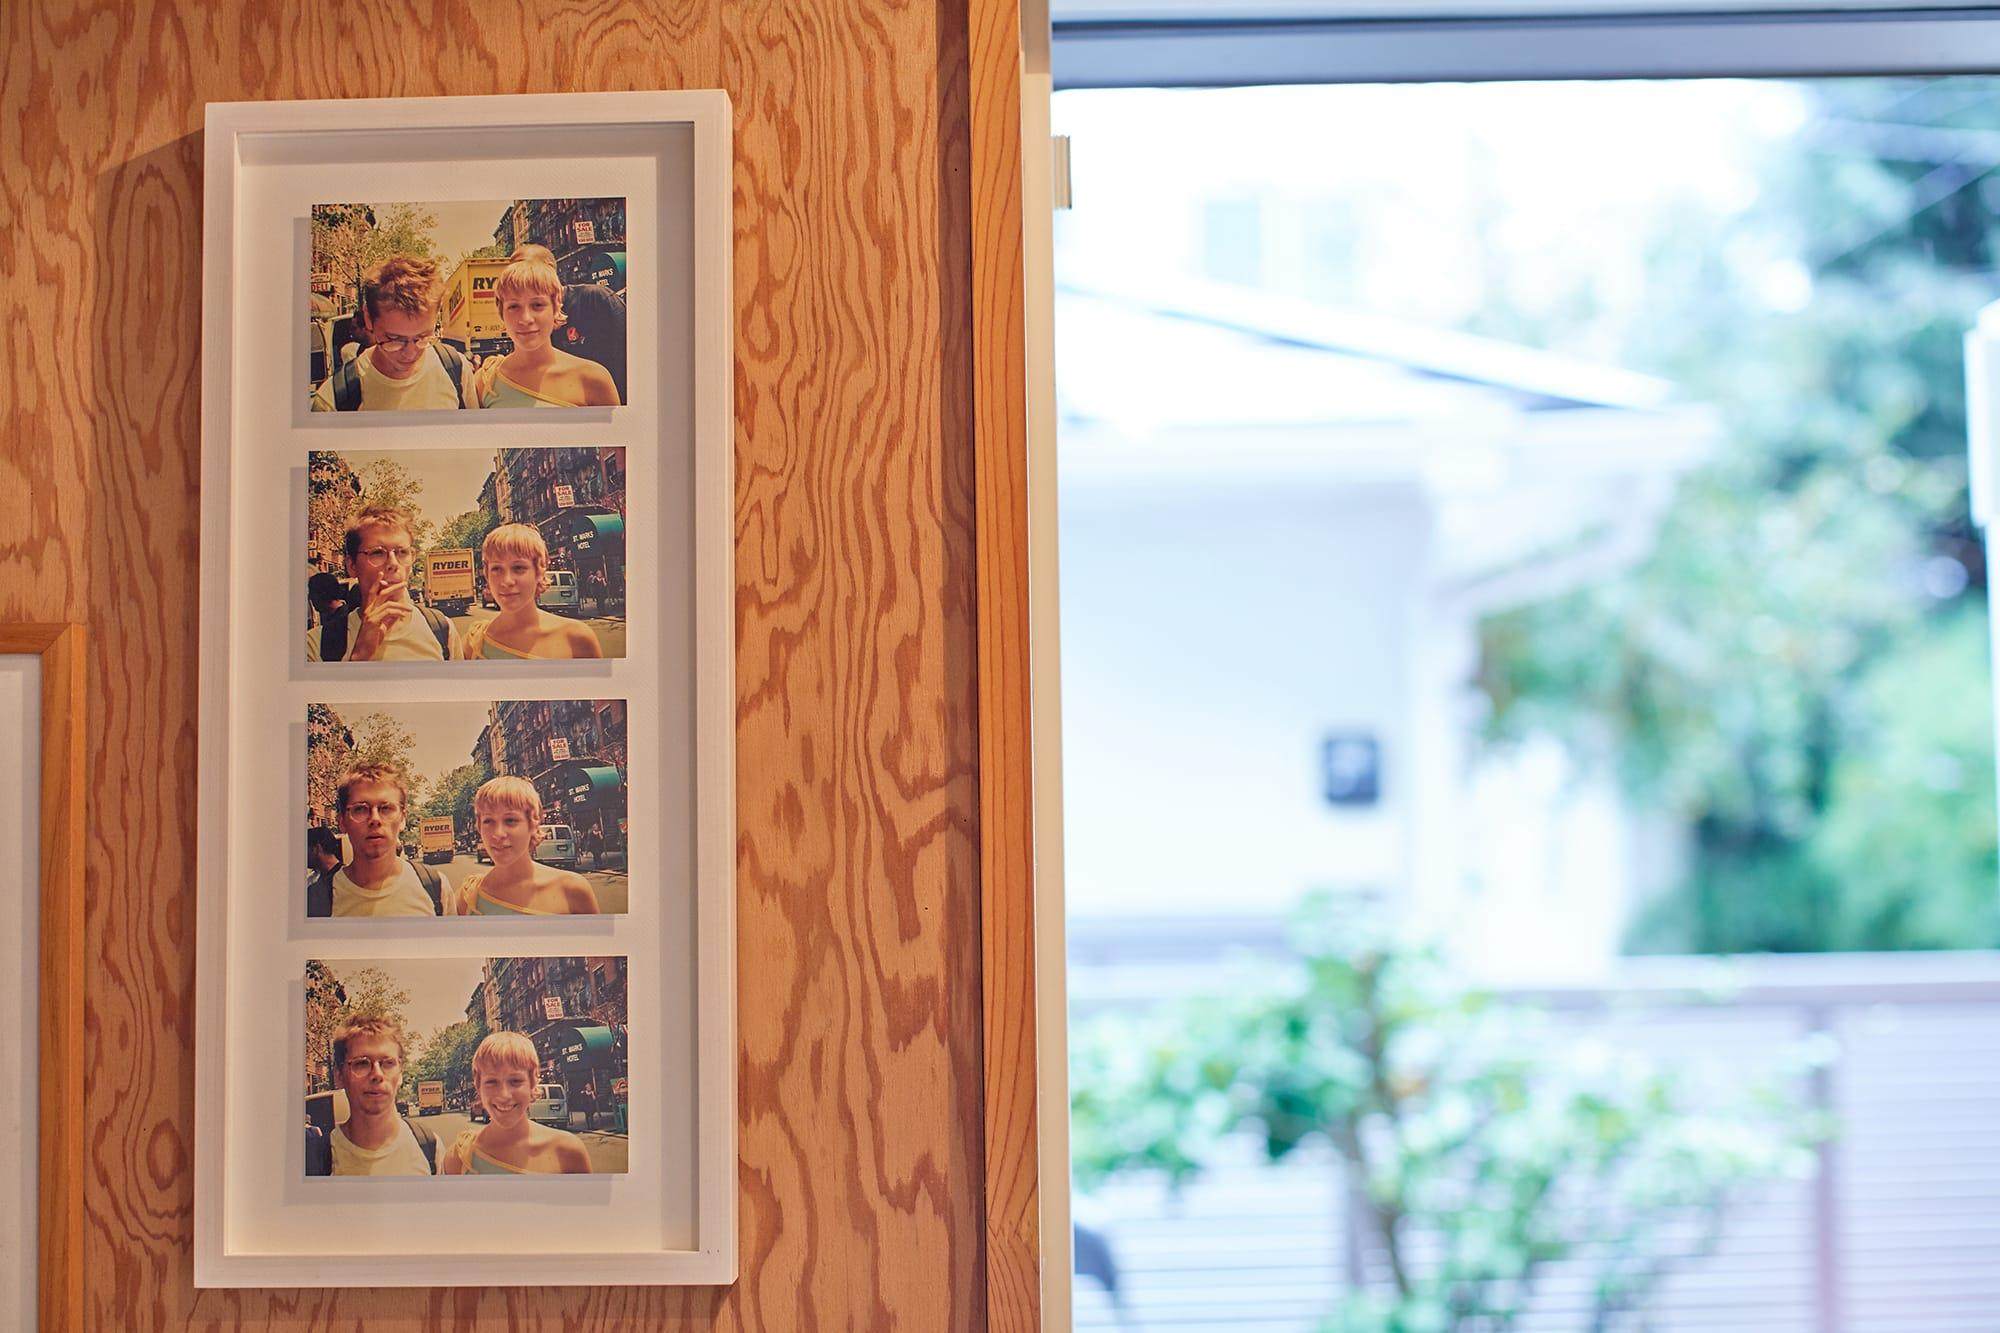 わたしの一枚 vol. 4 田中杏子 | 自宅の玄関に飾られているラリー・クラークの写真。4枚組で額装されている。